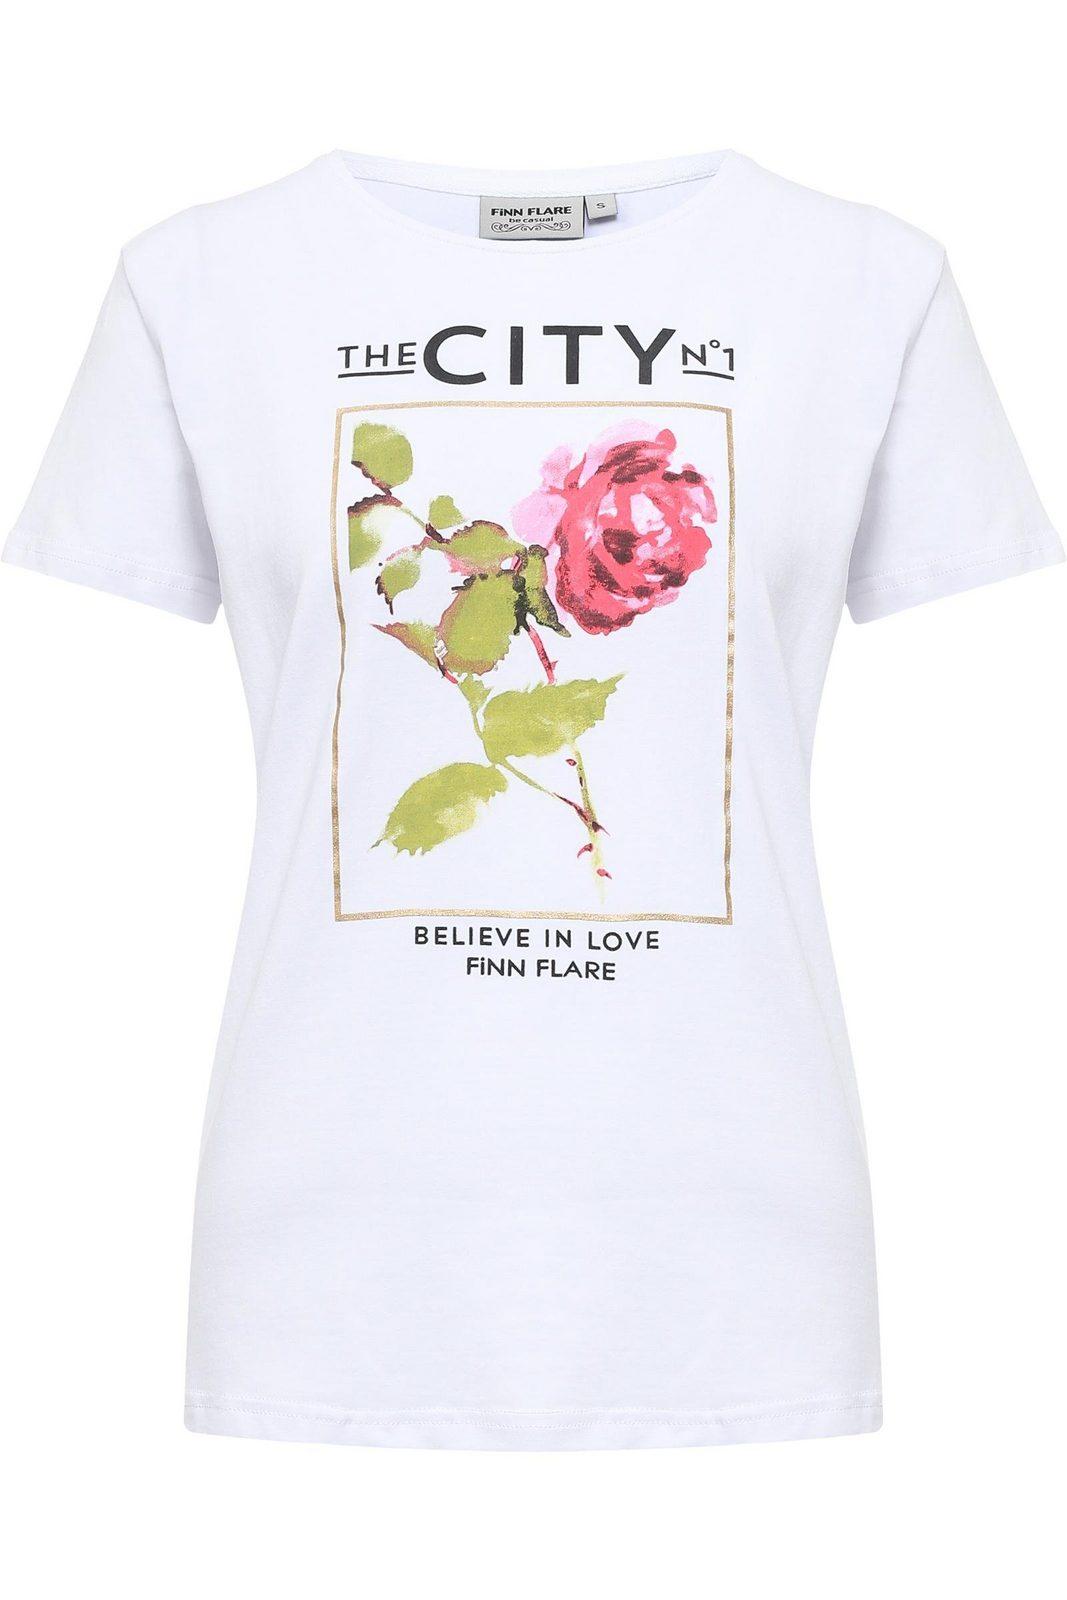 Finn Flare T-Shirt - broschei